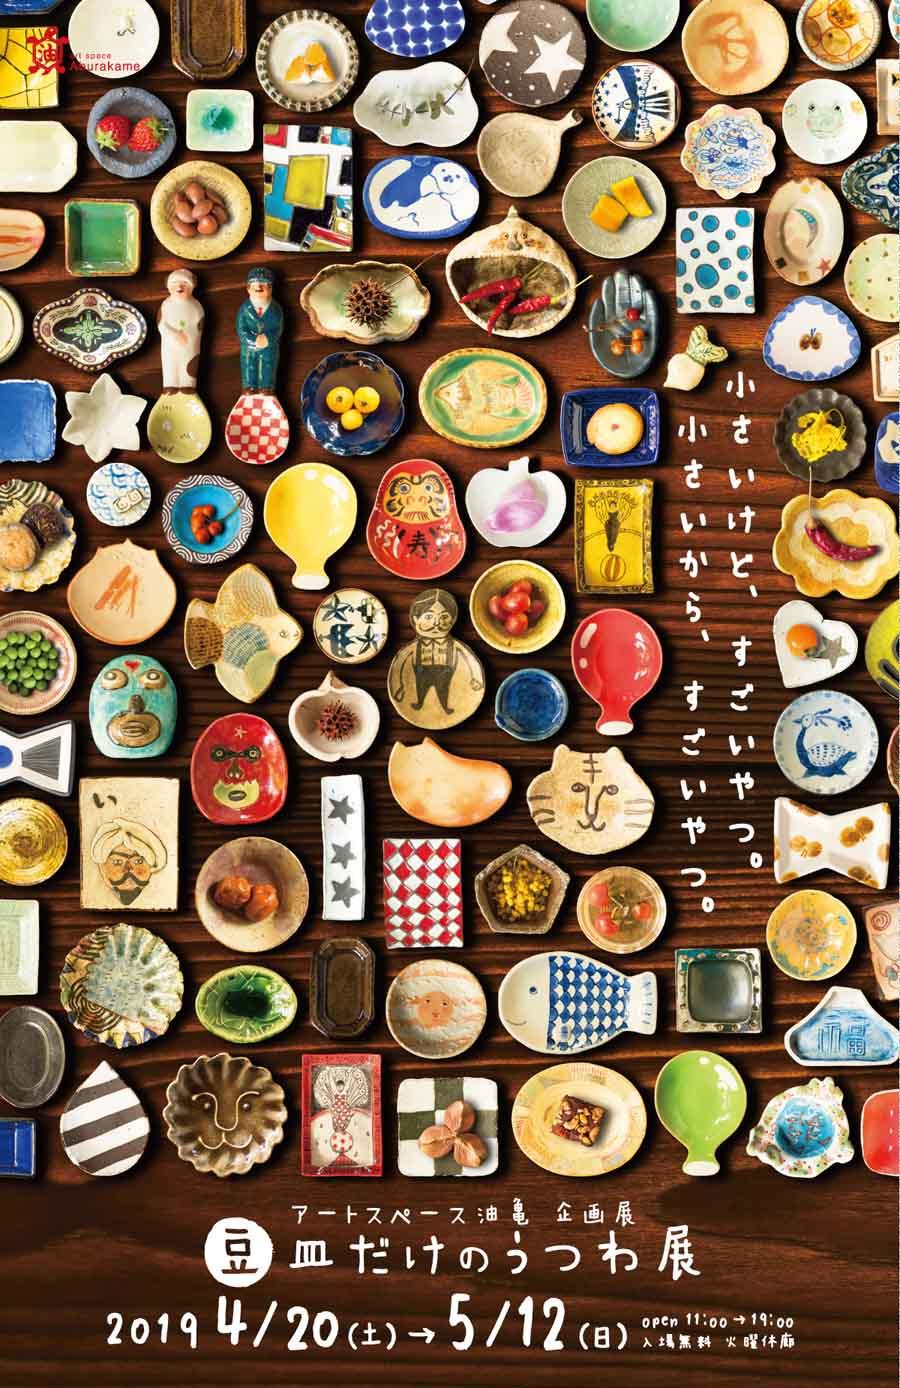 アートスペース油亀企画展「豆皿だけのうつわ展ー小さいけど、すごいやつ。小さいから、すごいやつ。ー」より